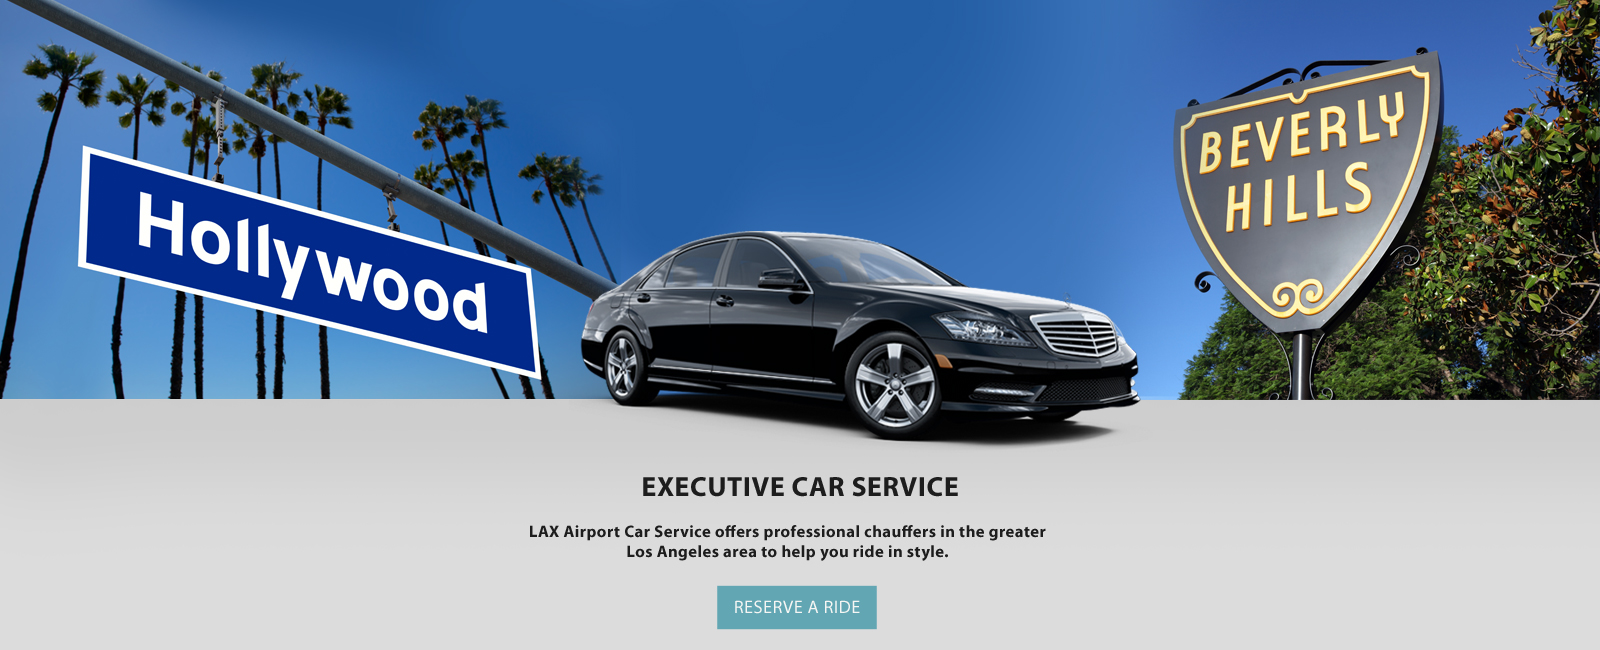 executive-car-service